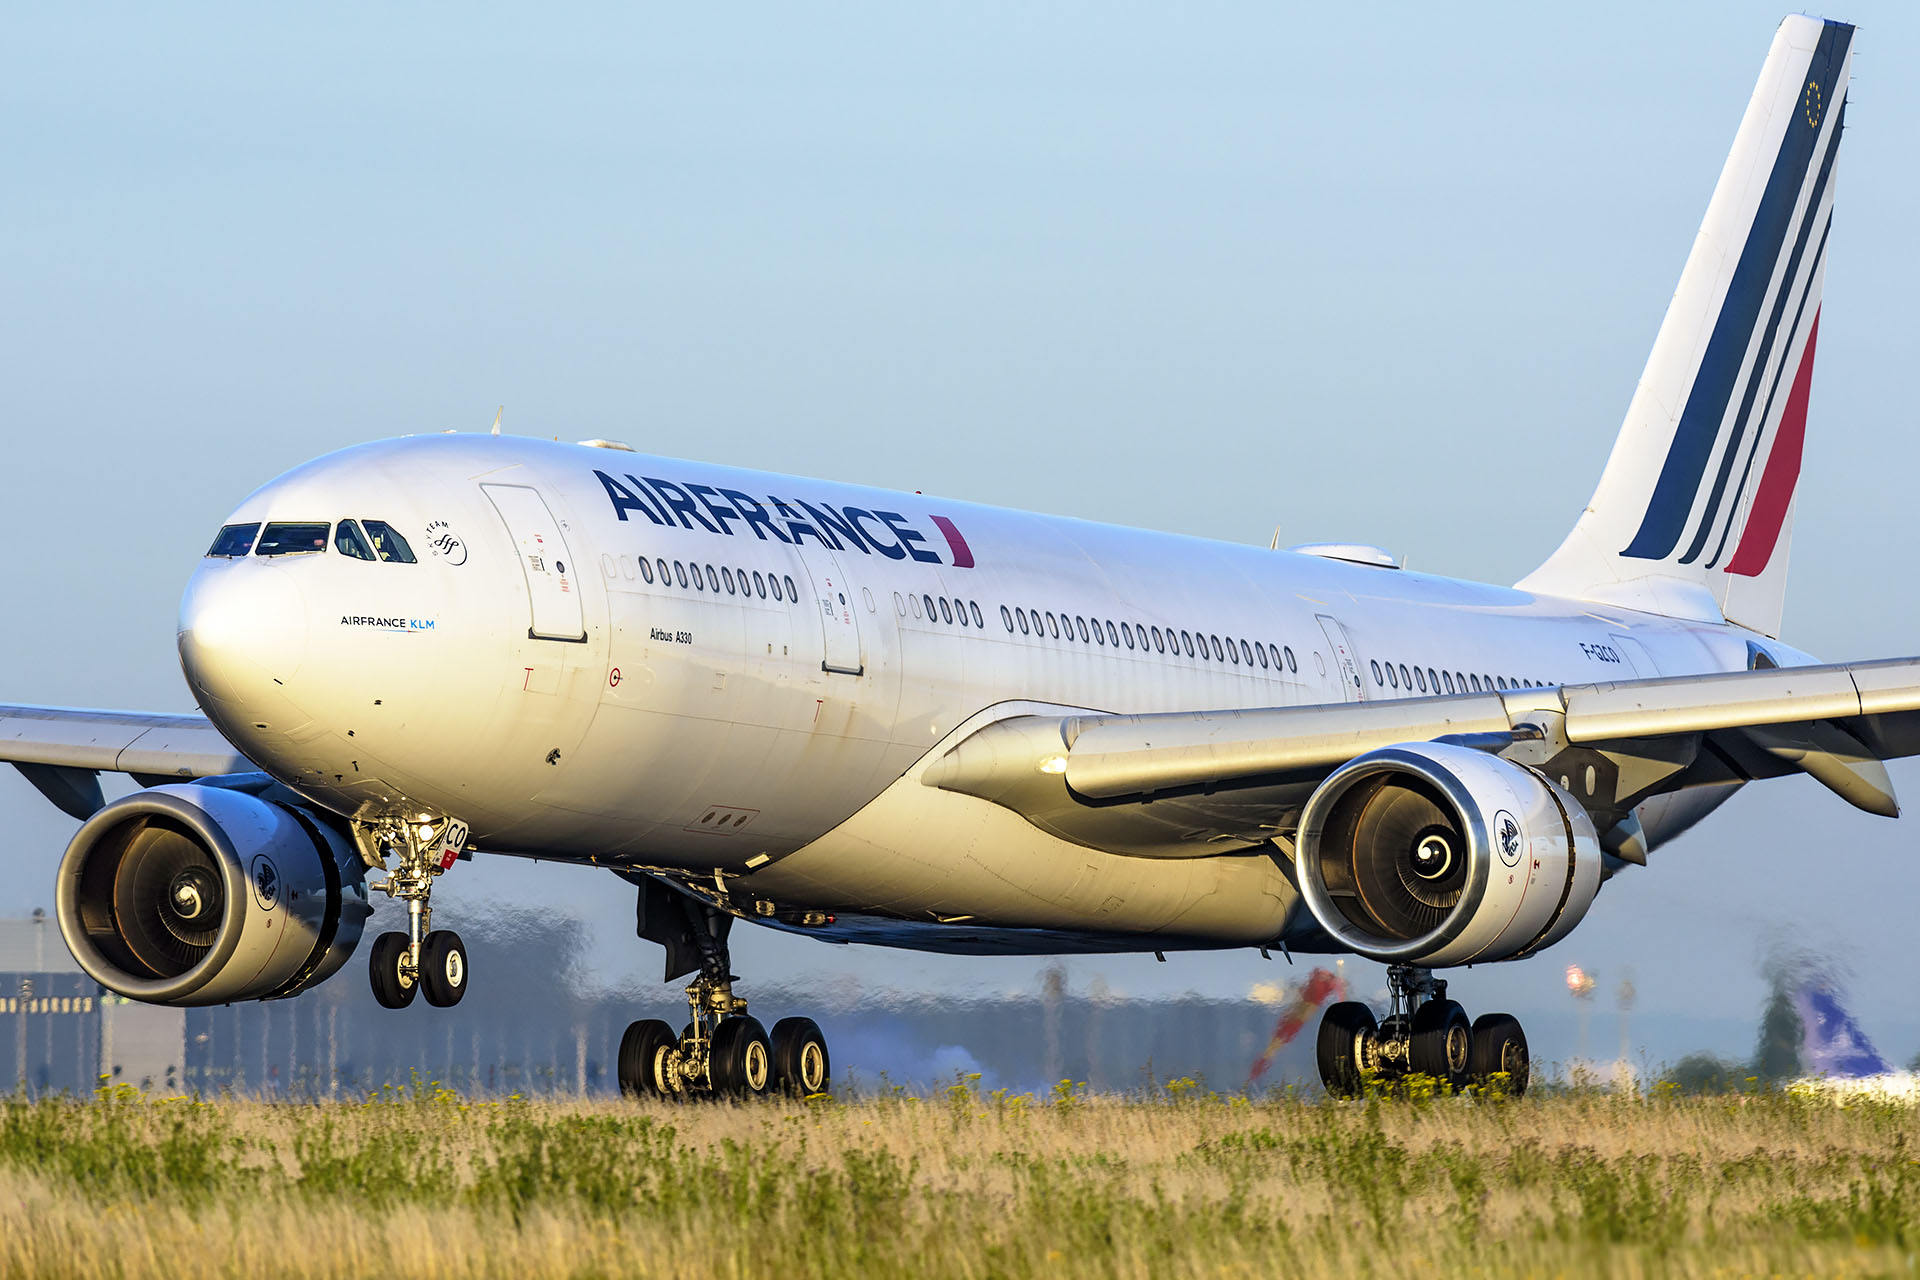 Airbus A330 Air France